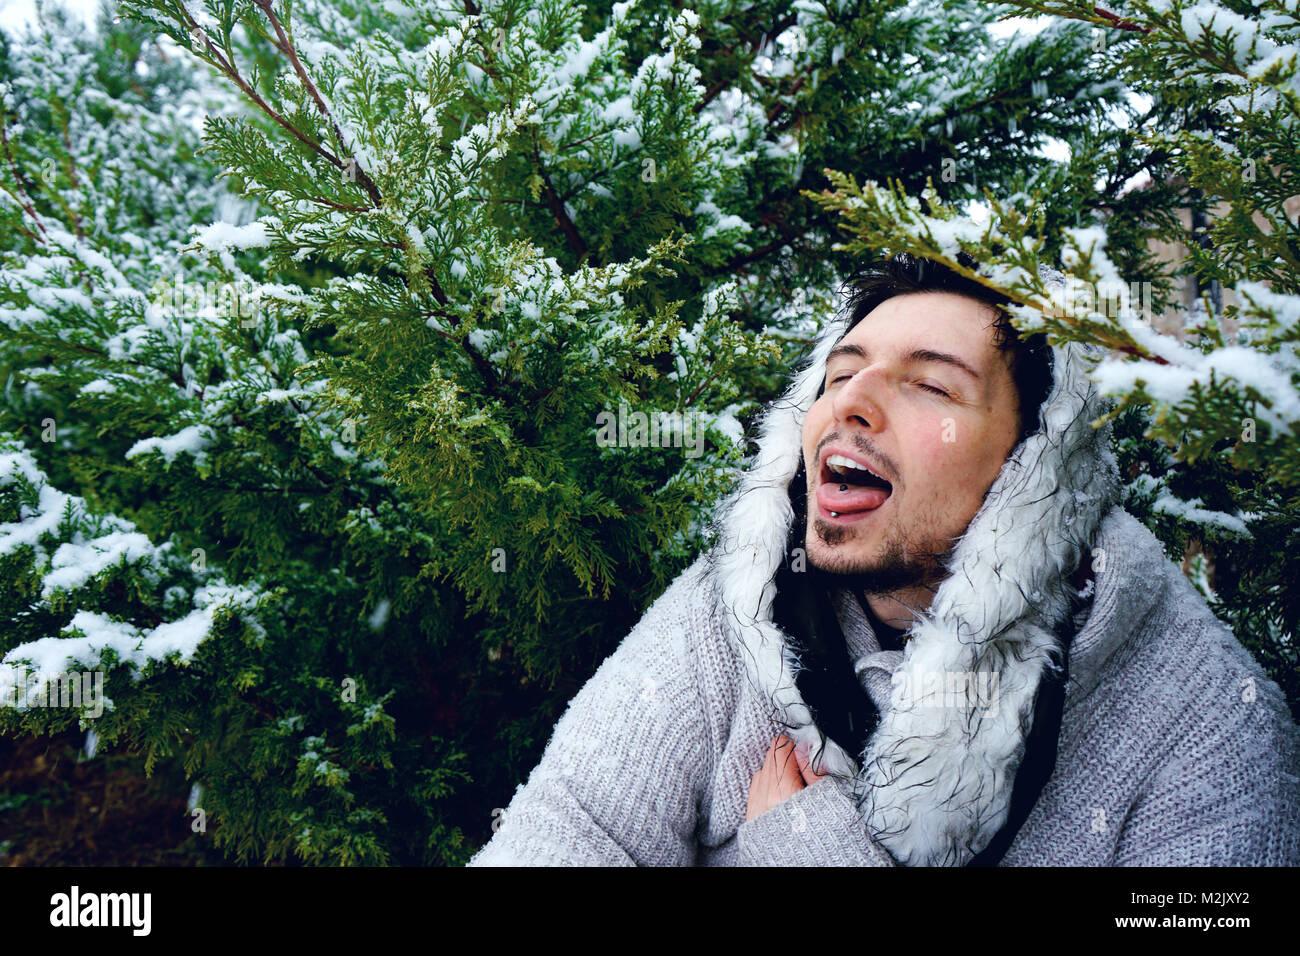 Joven disfrutando de un día de nieve y de invierno Imagen De Stock